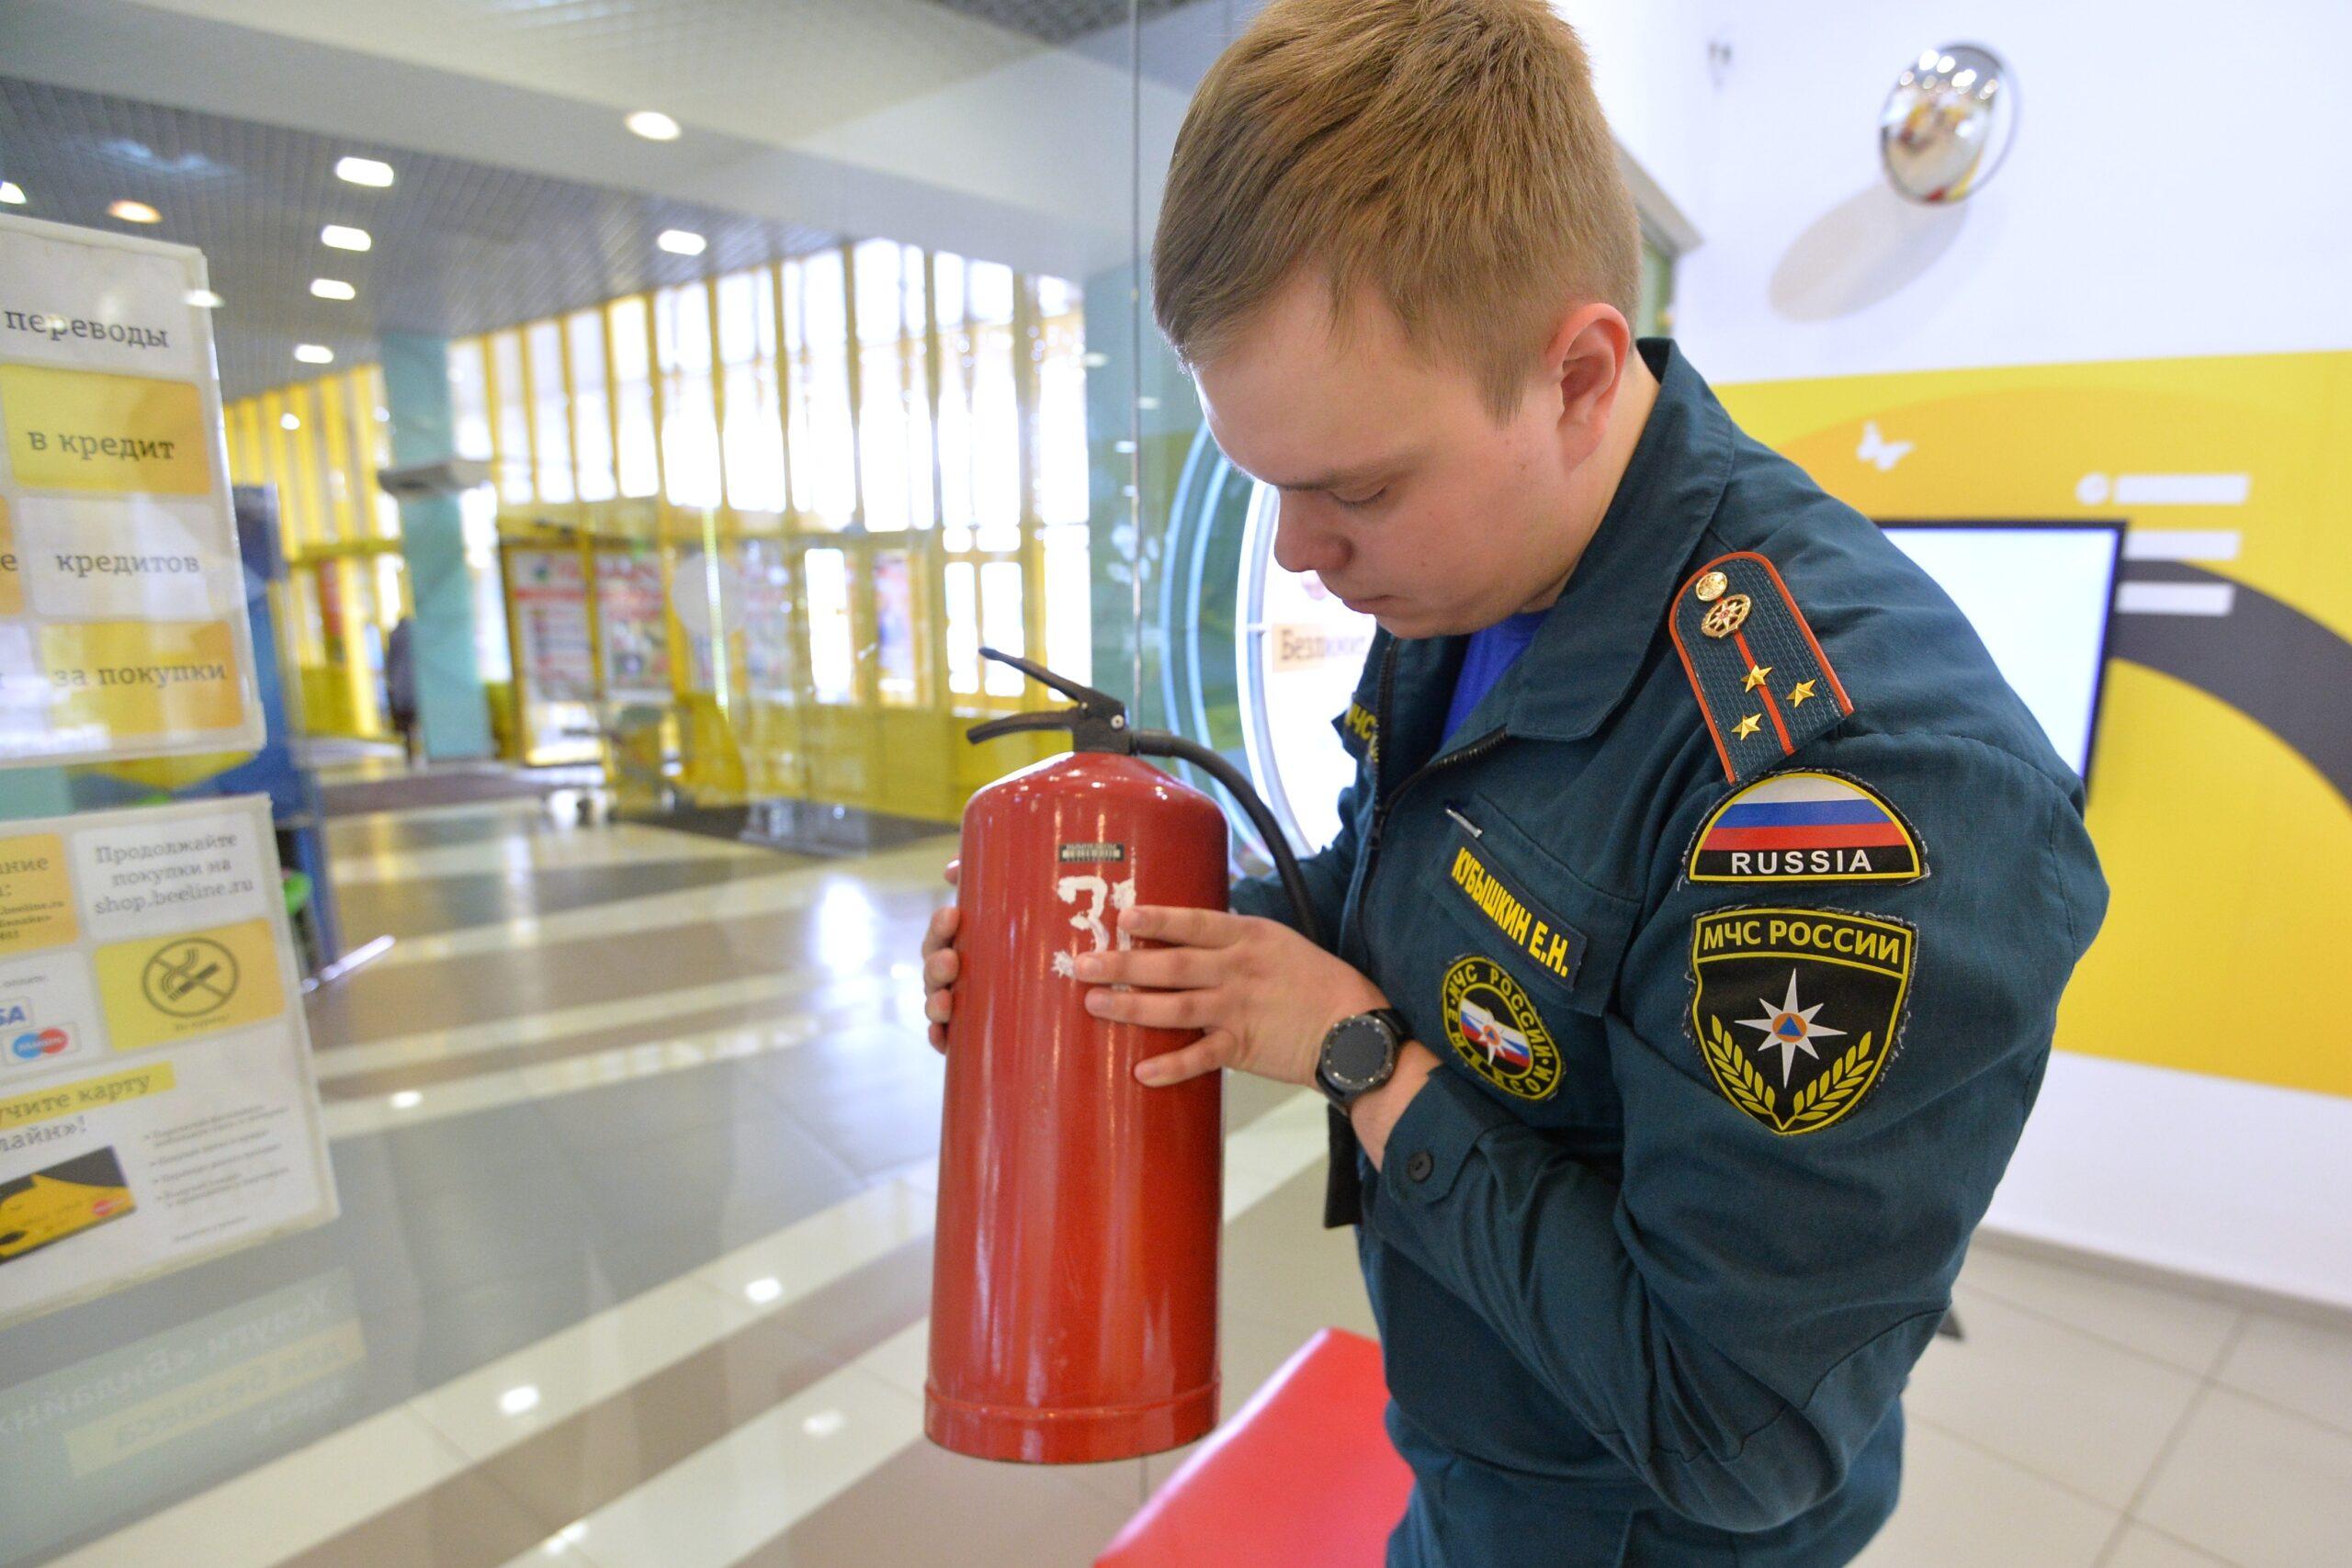 Инспекторы МЧС могут проверять все аспекты пожарной защиты бизнес центра - от наличия и работоспособности огнетушителей до соответствия по документам.